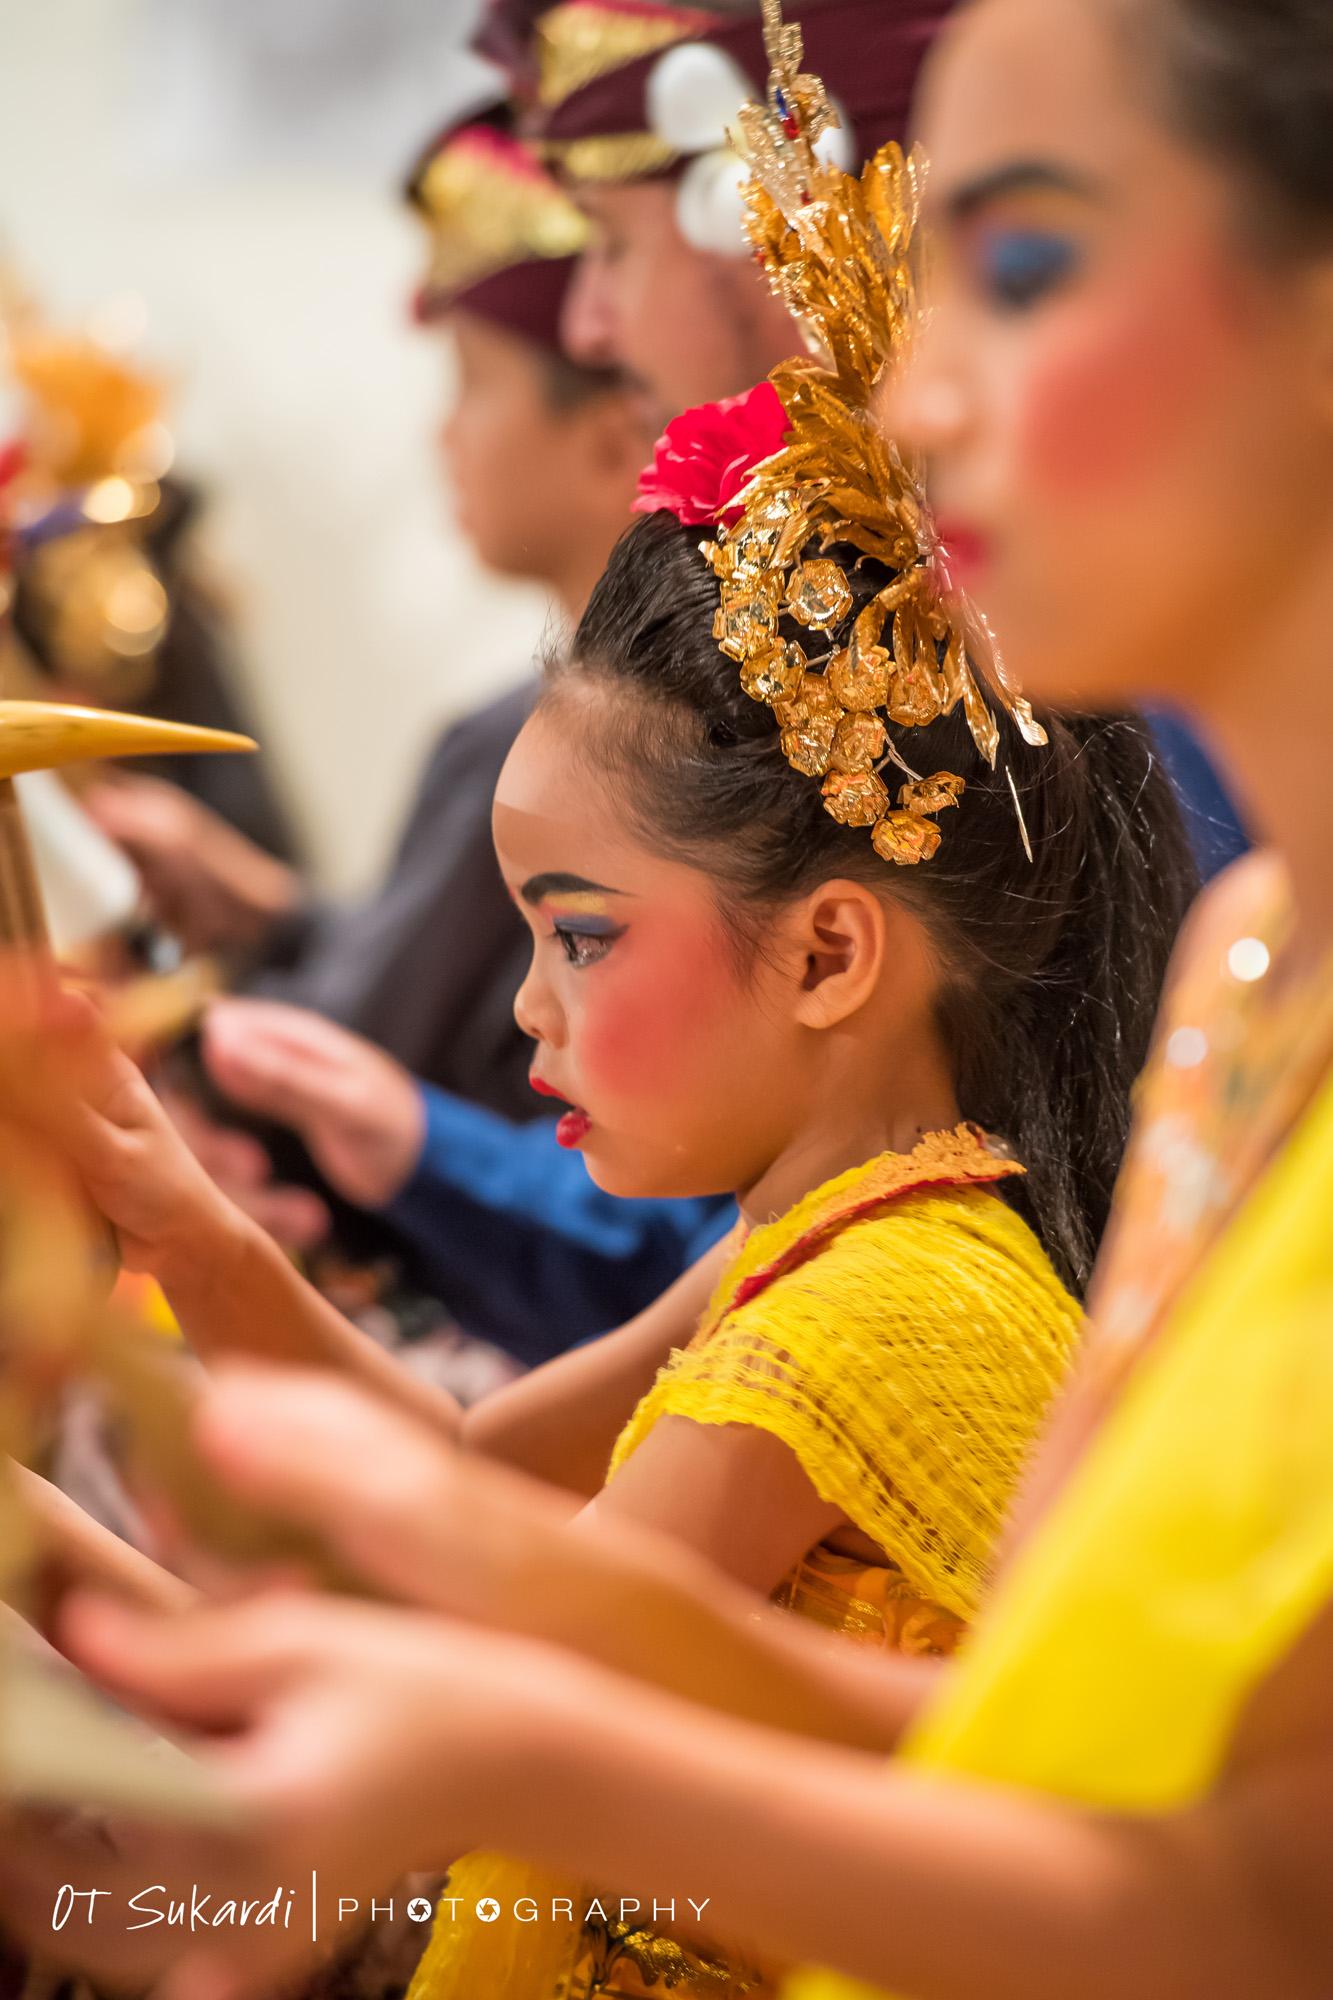 close up of young girl playing gamelan